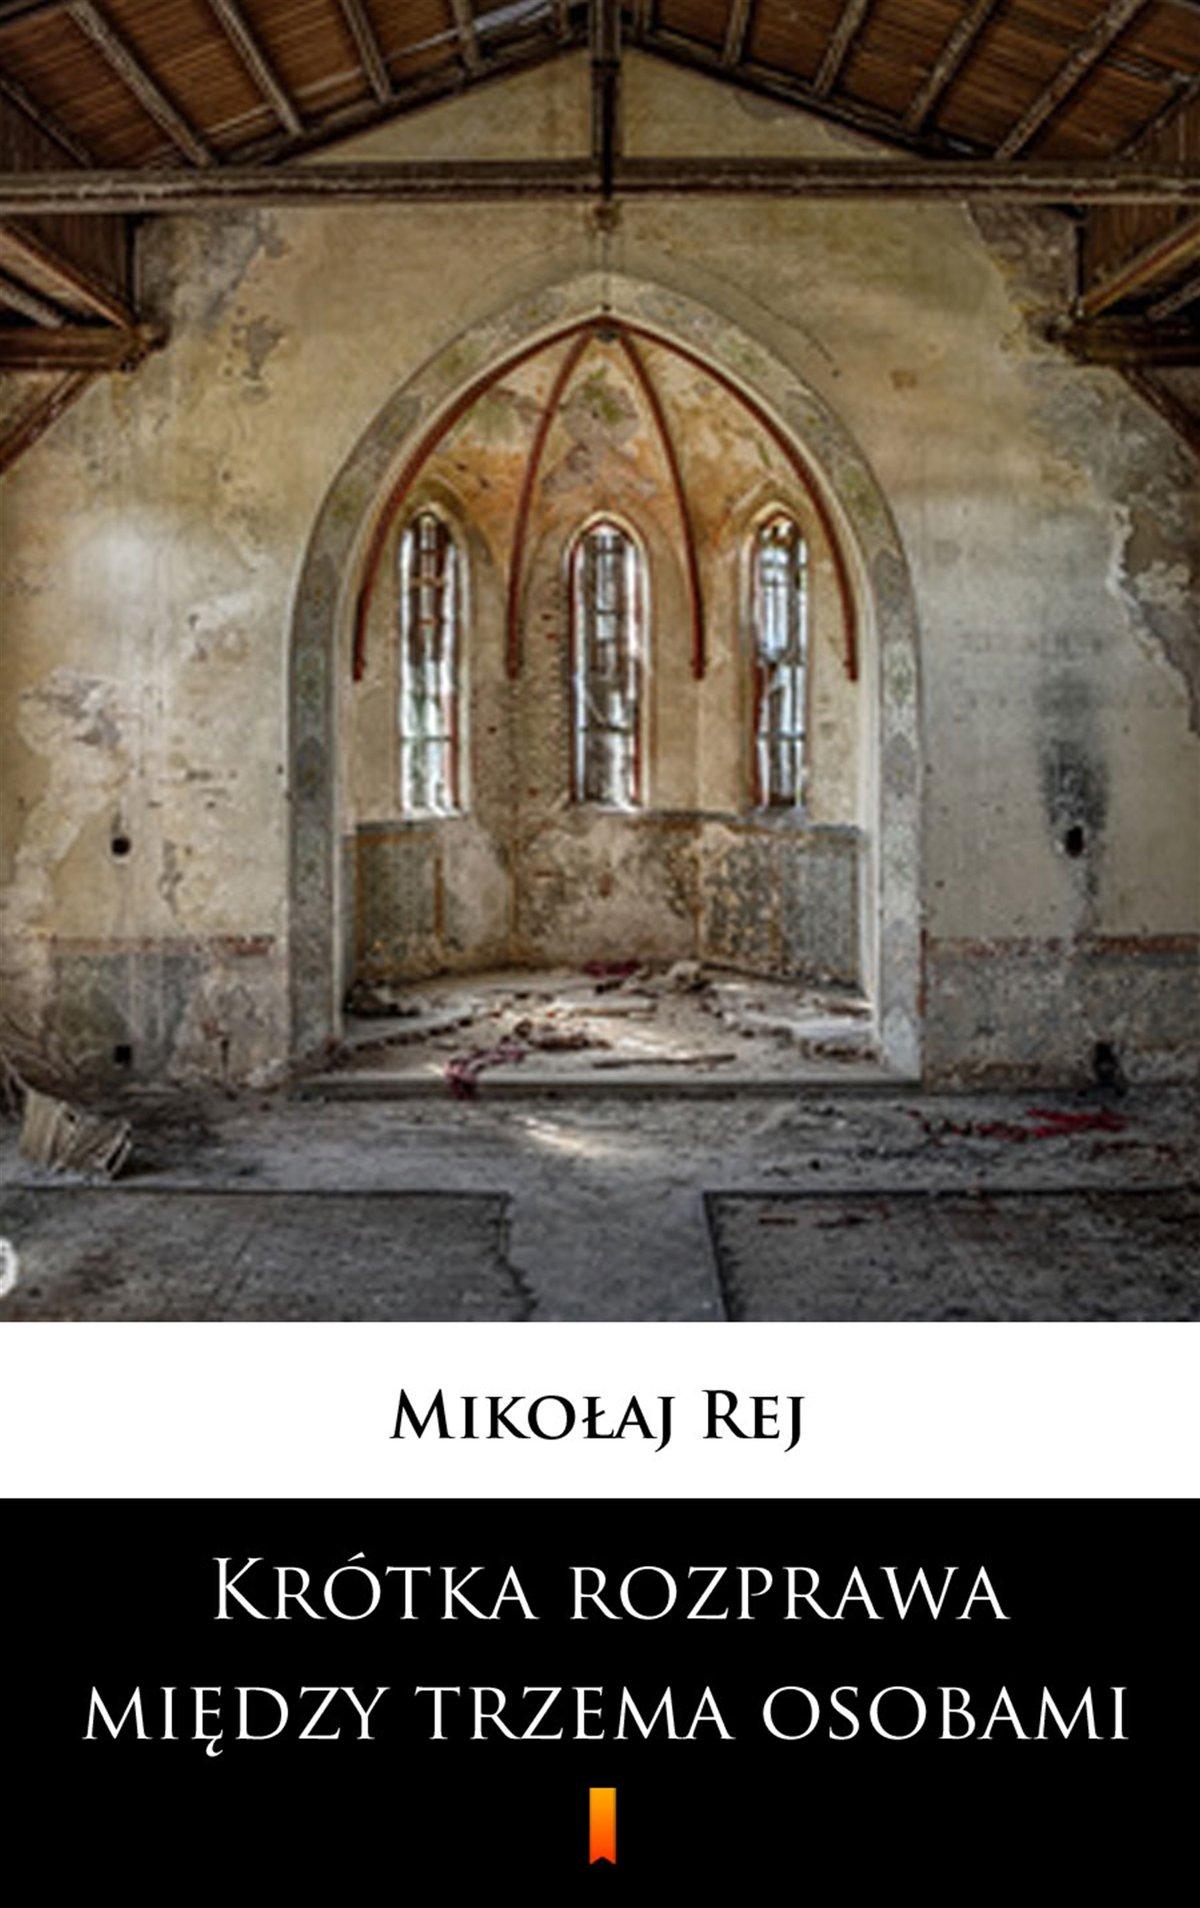 Krótka rozprawa między trzema osobami, Panem, Wójtem a Plebanem - Ebook (Książka na Kindle) do pobrania w formacie MOBI